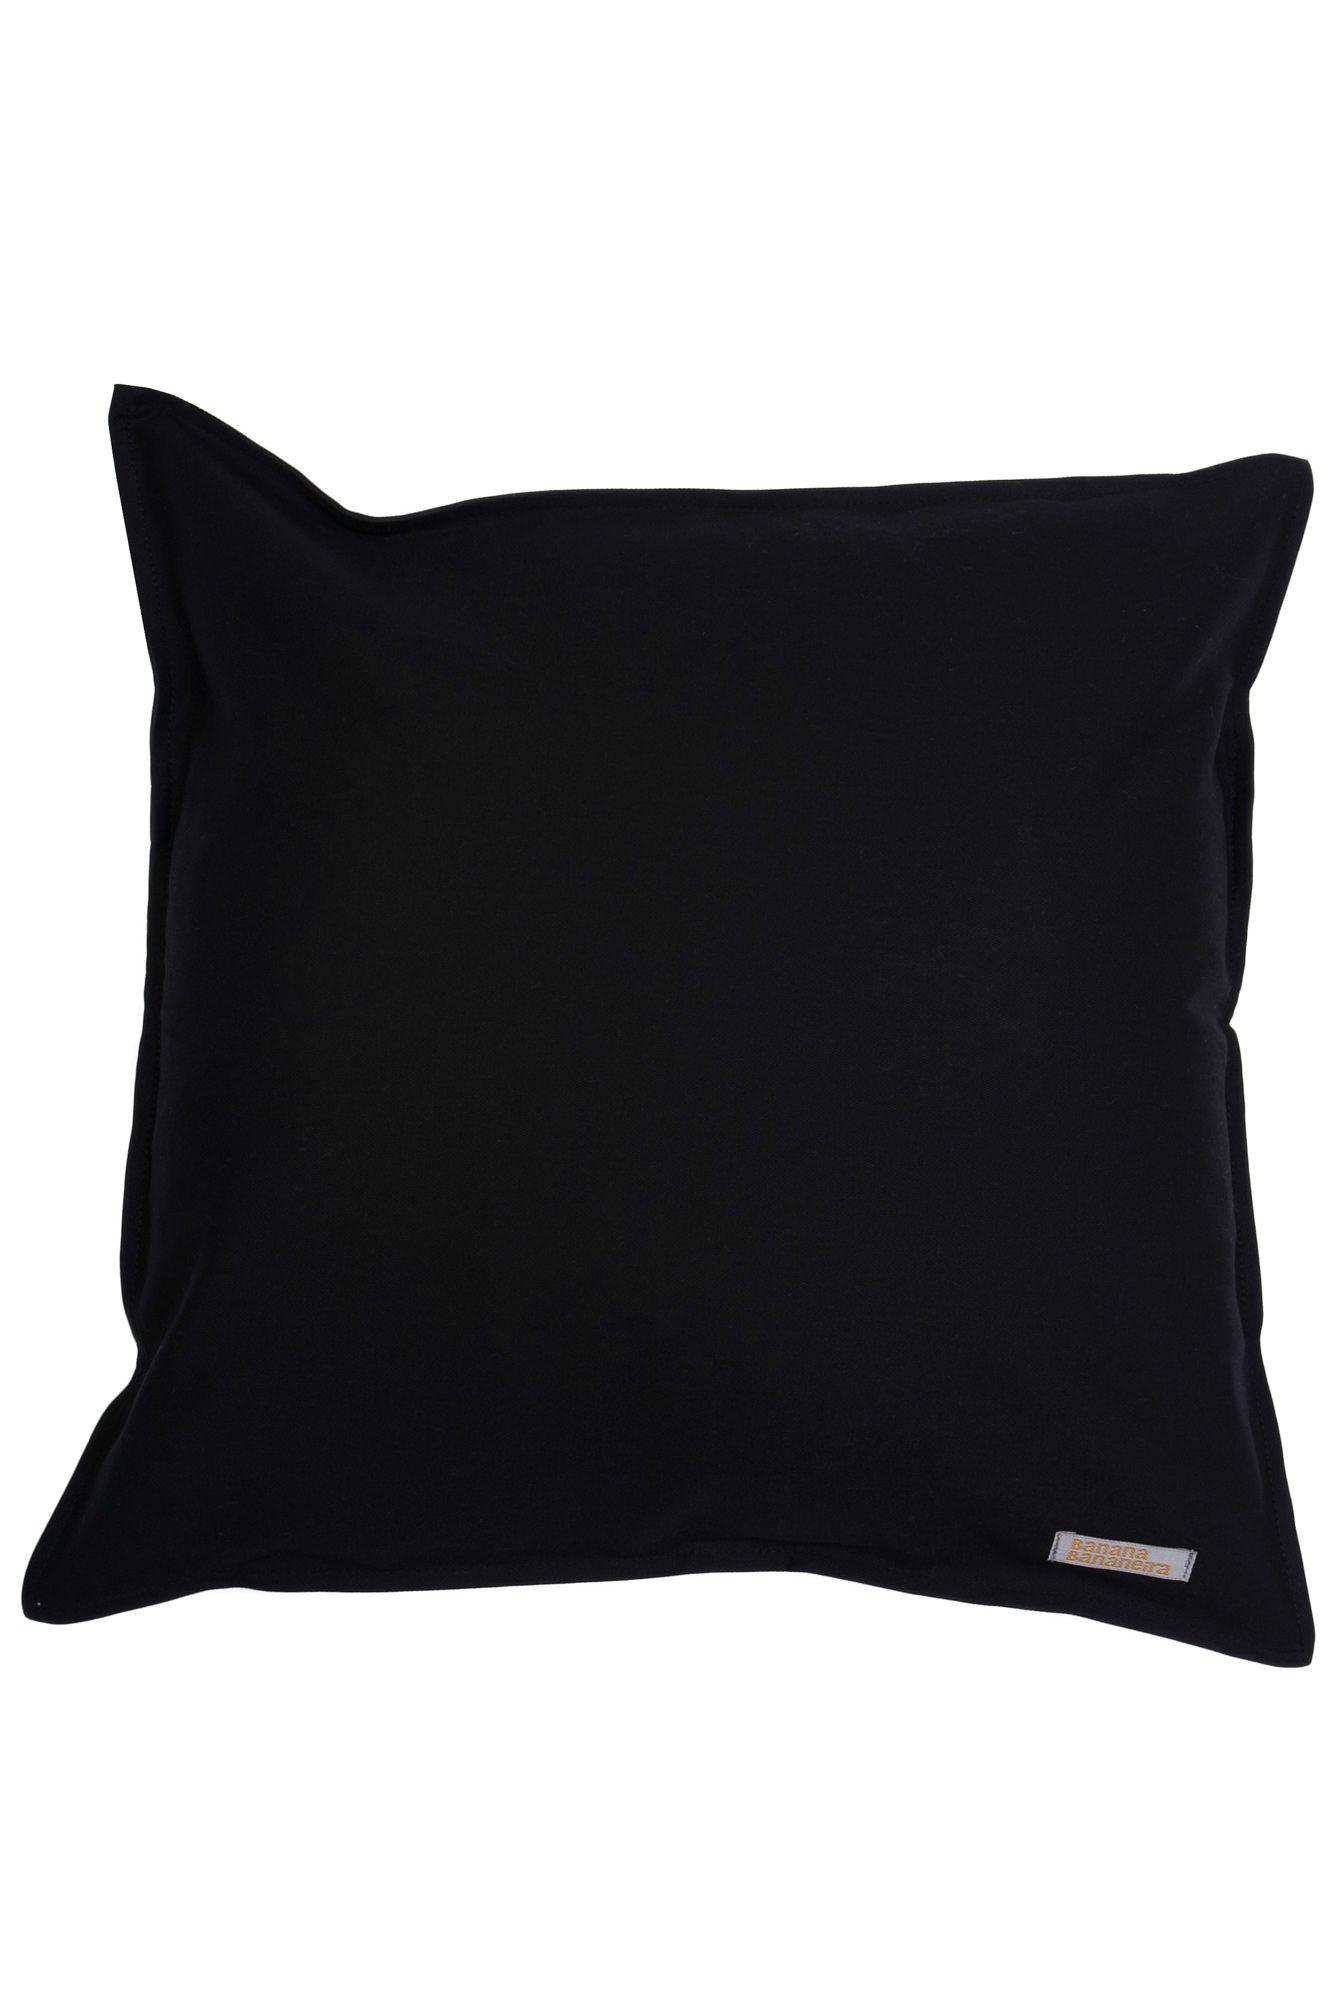 Capa de almofada em pesponto 45 cm x 45 cm preta